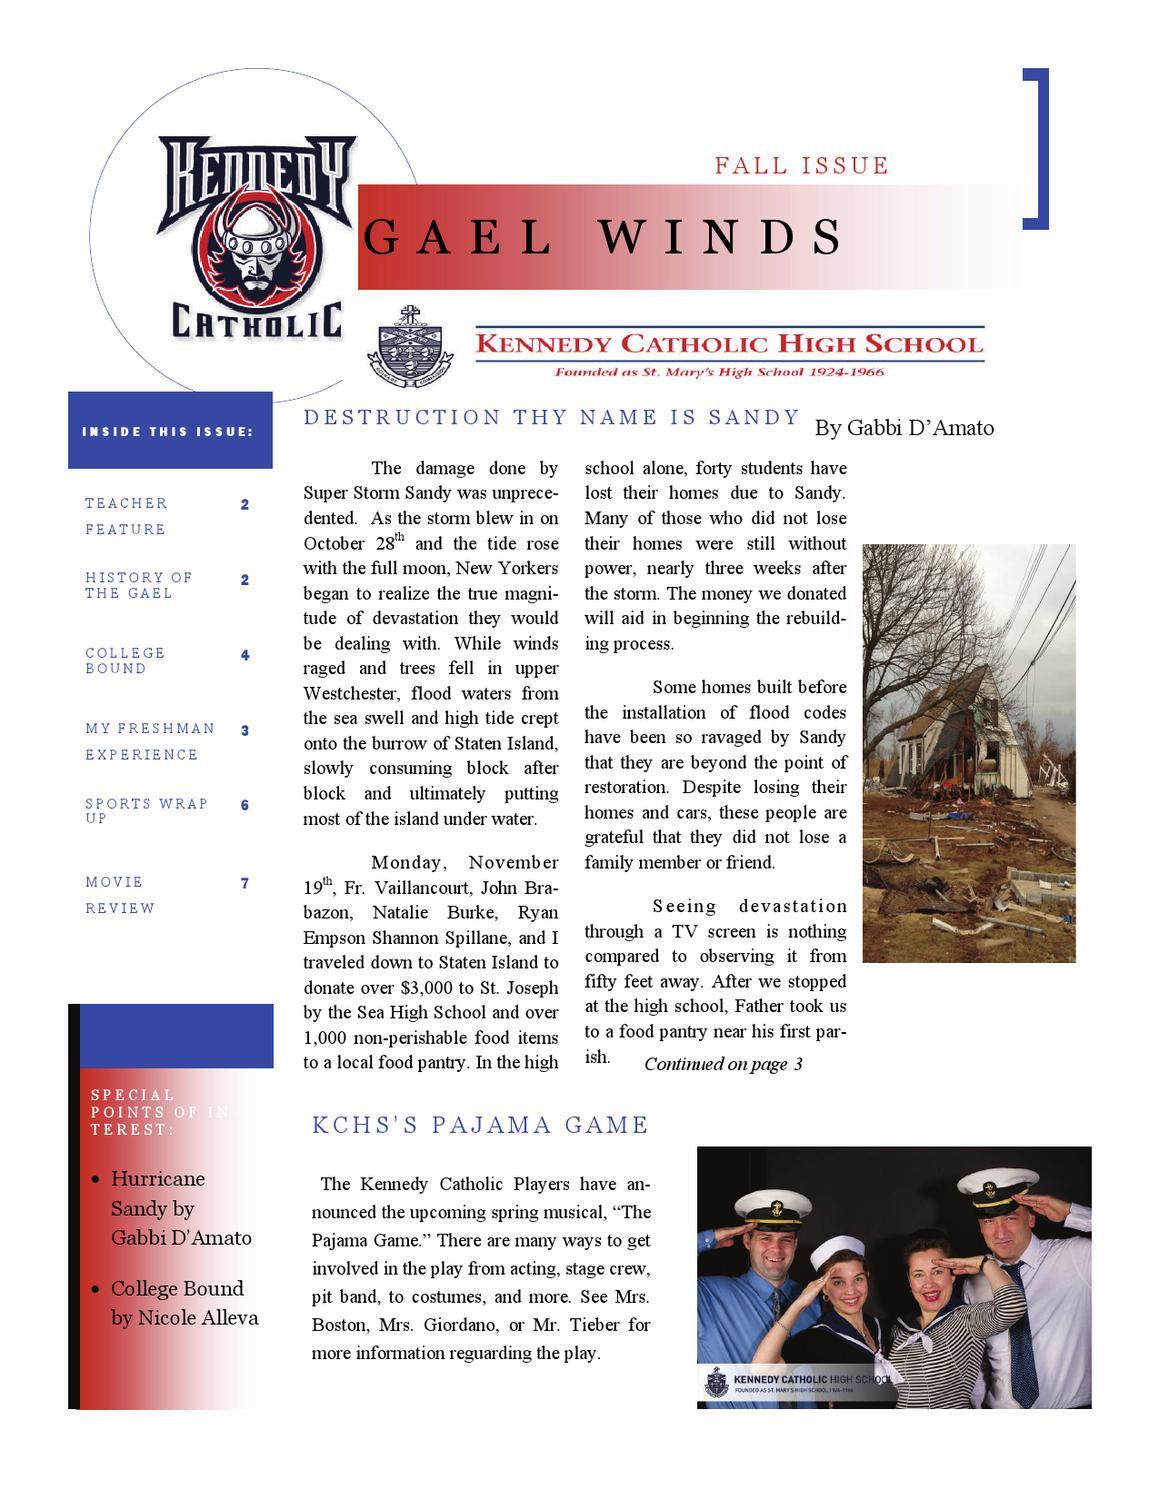 Gael Winds, Fall 2012 by Kennedy Catholic - issuu